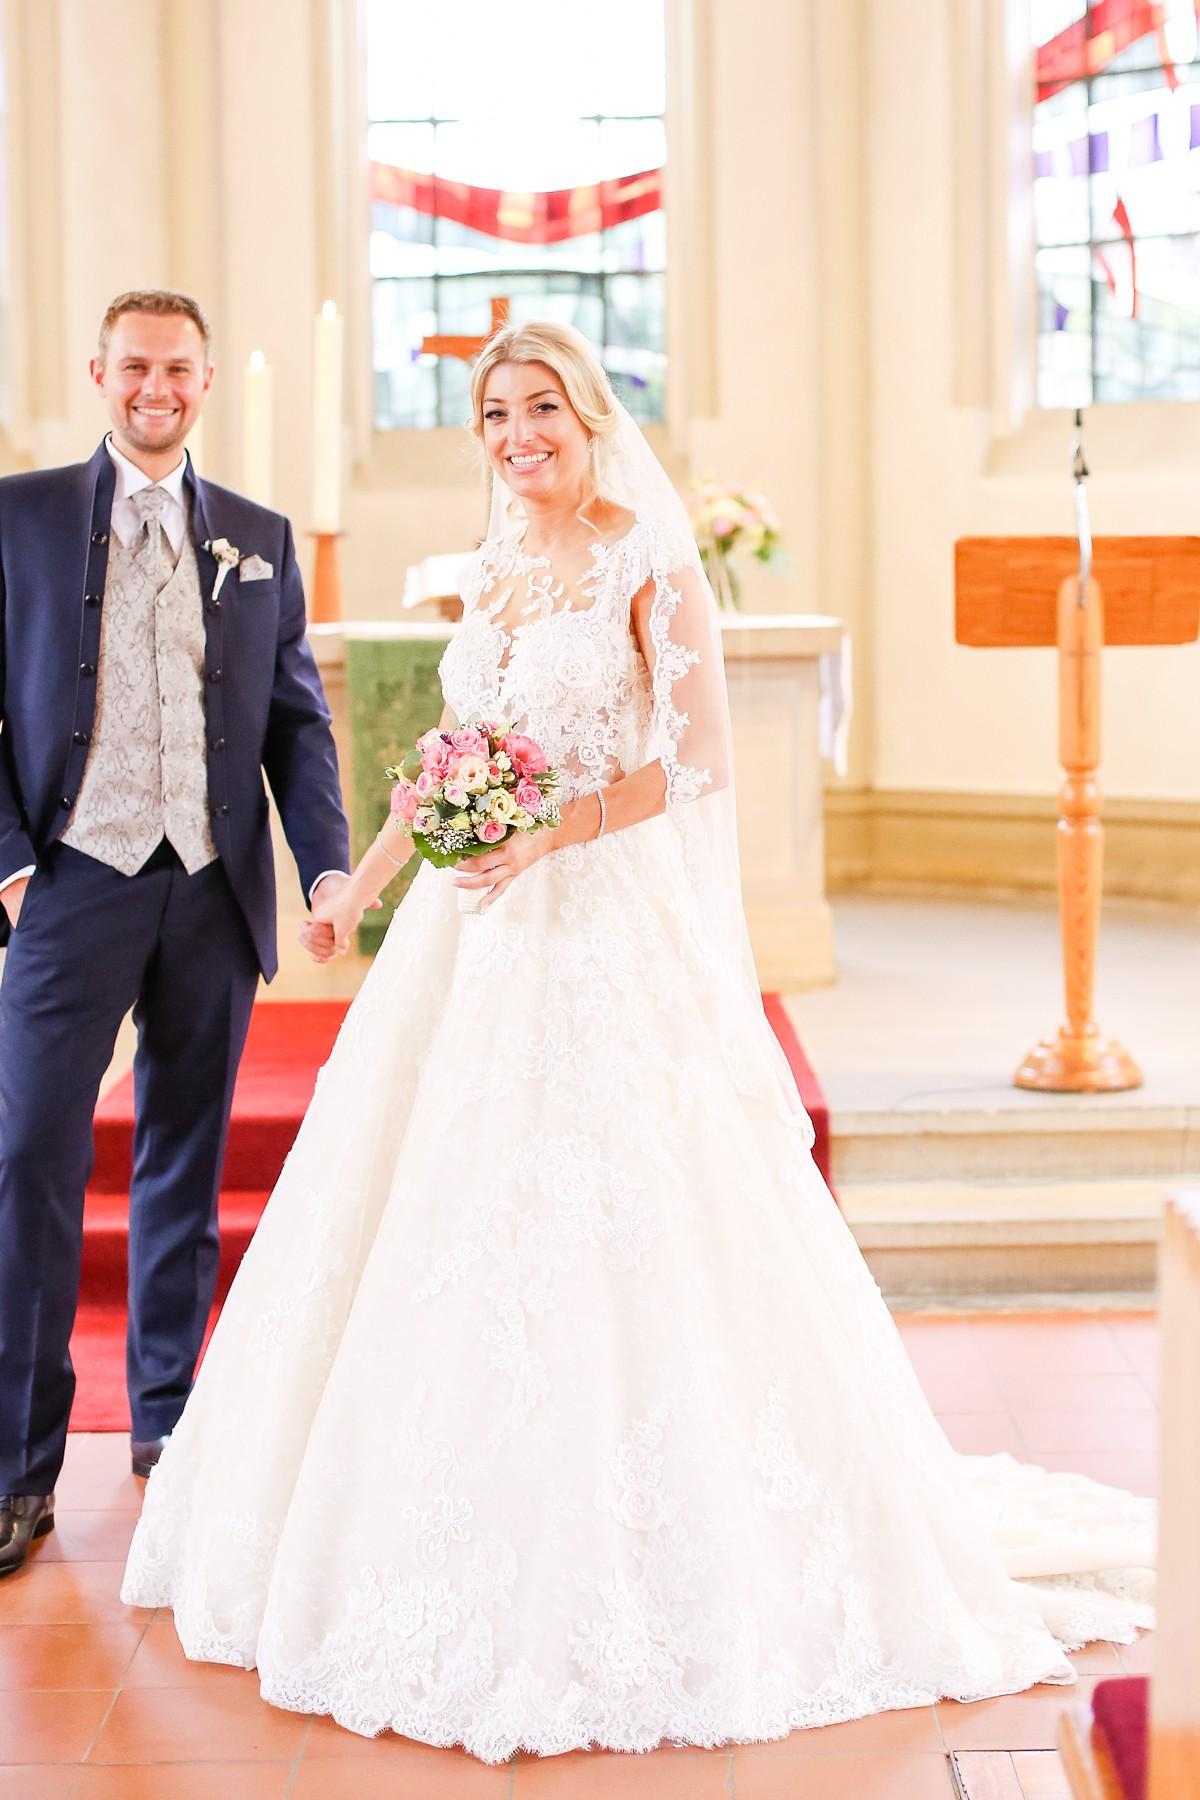 Hochzeitsfotograf-Herford-van-Laer-Fotograf-Hochzeit-Nrw_0058